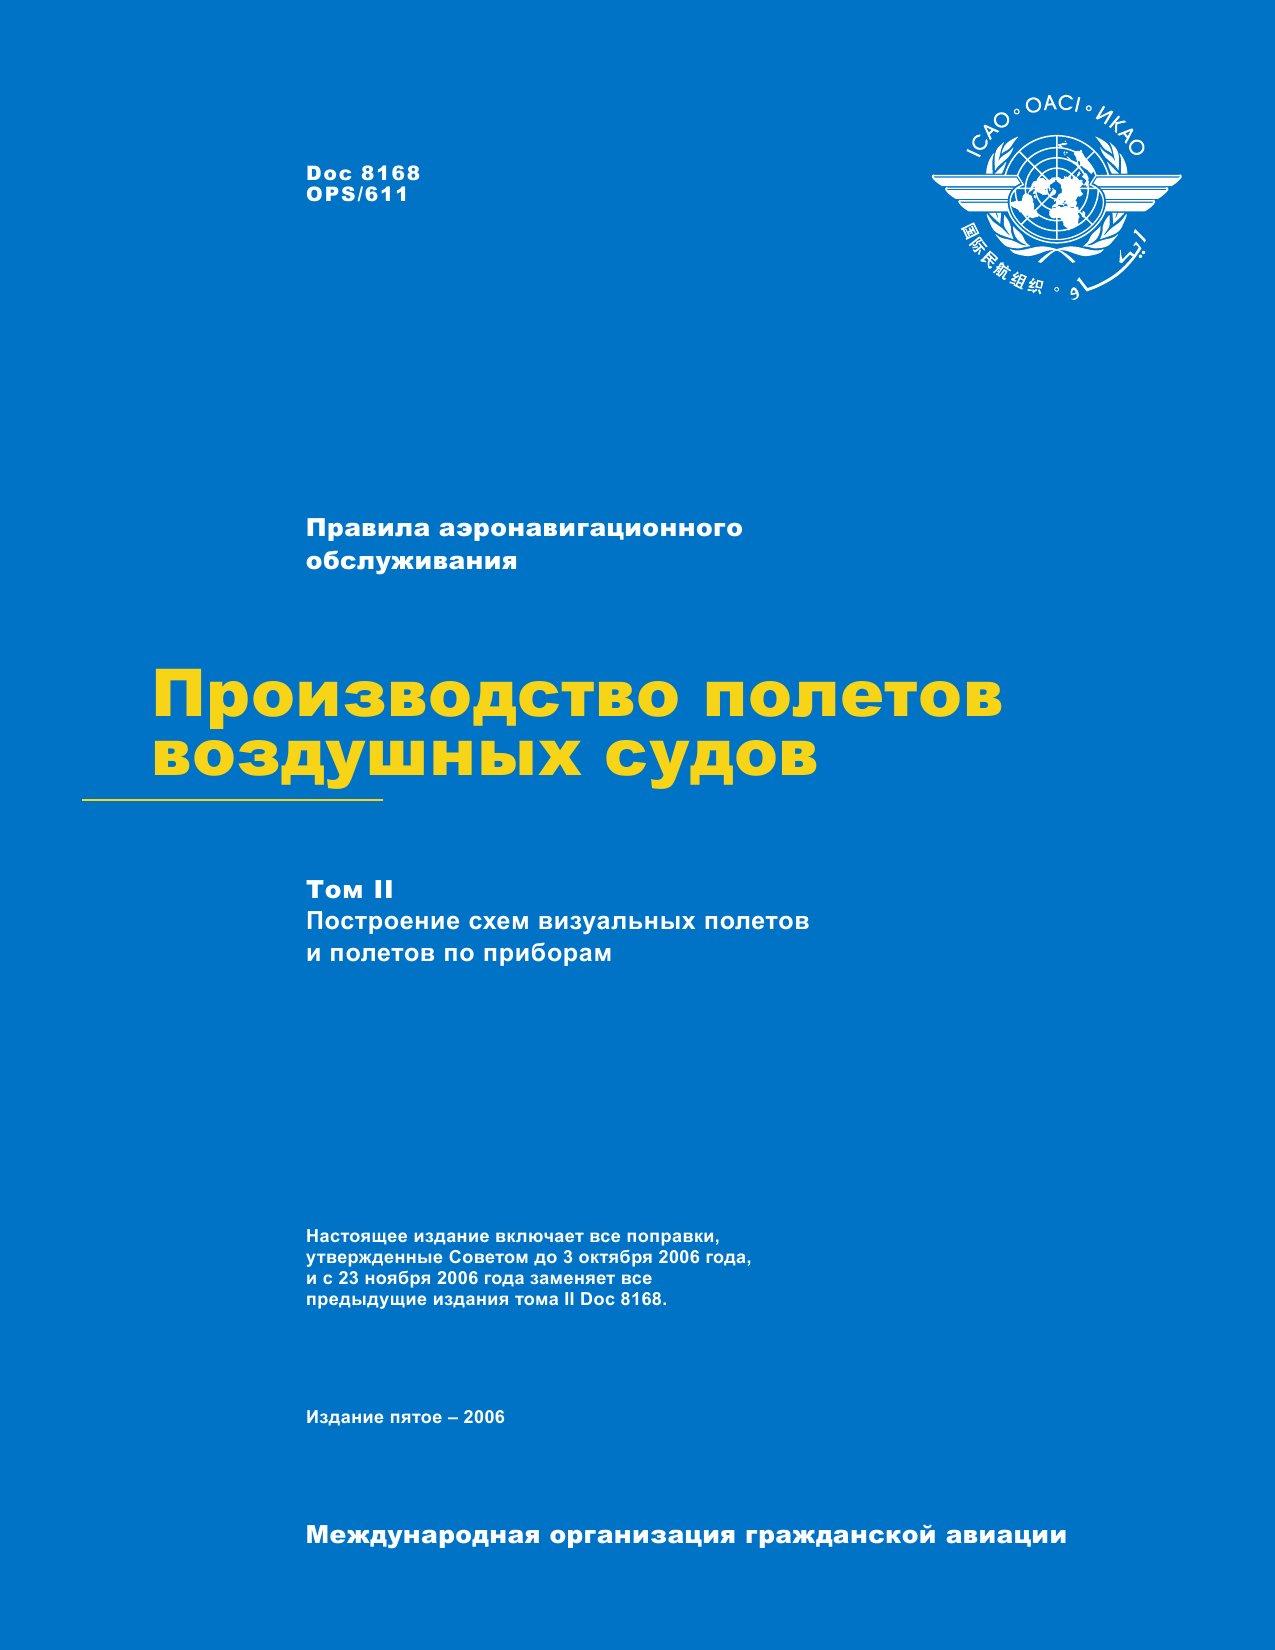 ICAO Doc 8168 PANS-OPS. Производство полетов воздушных судов - Том II. Построение схем визуальных полетов и полетов по приборам.